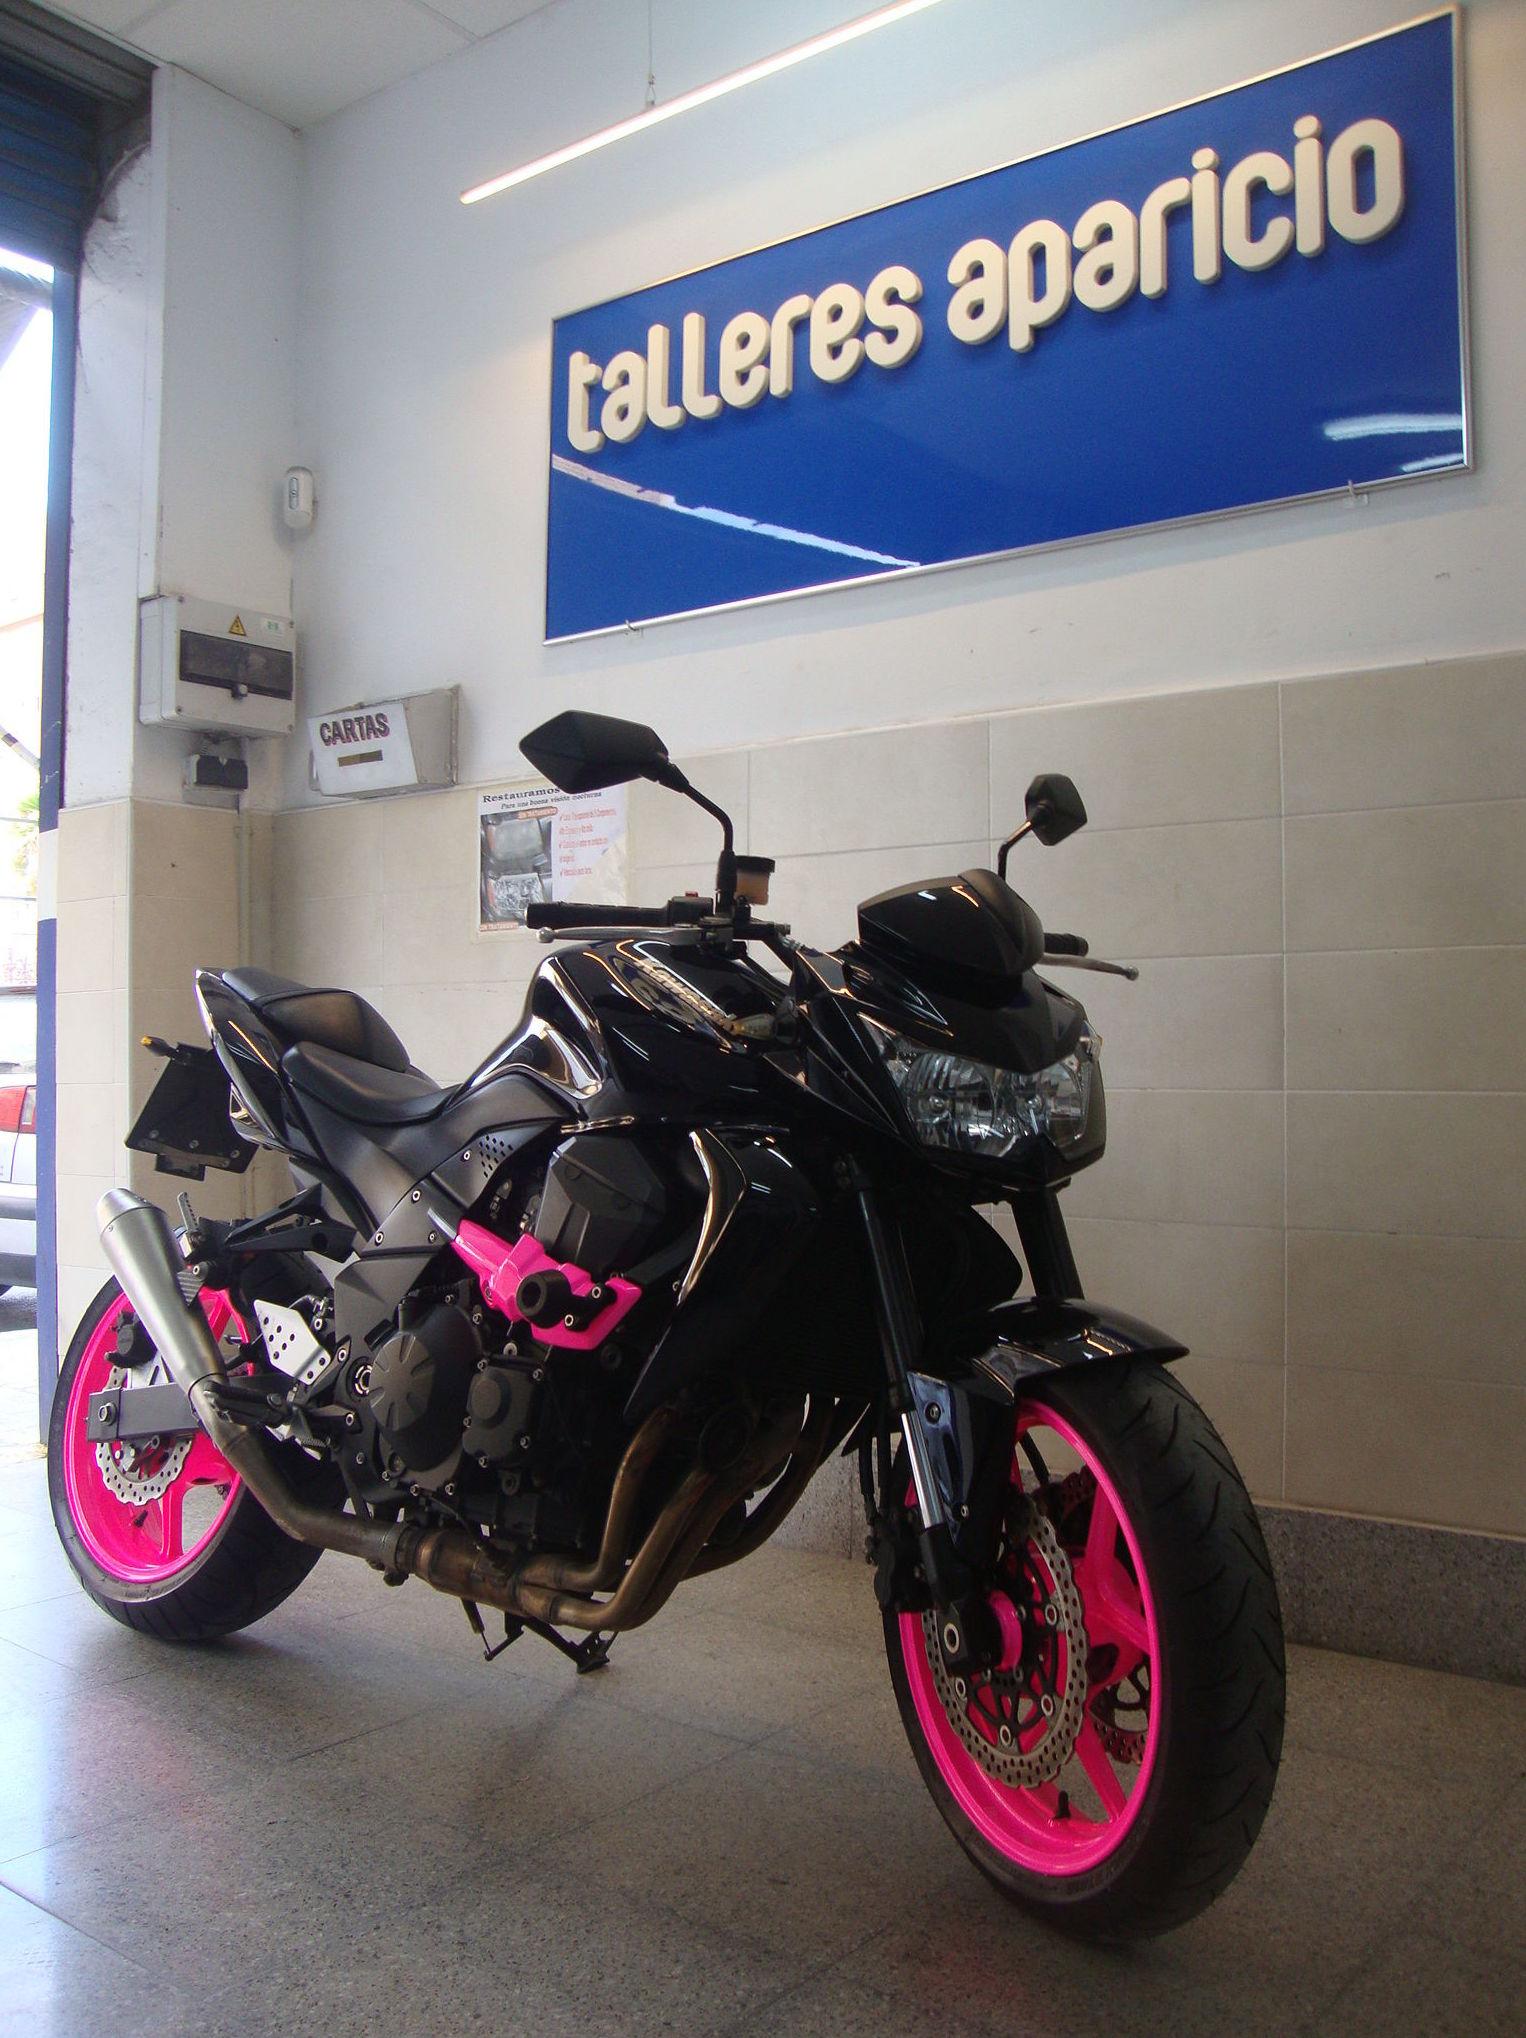 Personalización de motos: CATÁLOGO de Talleres Aparicio Autochiquero